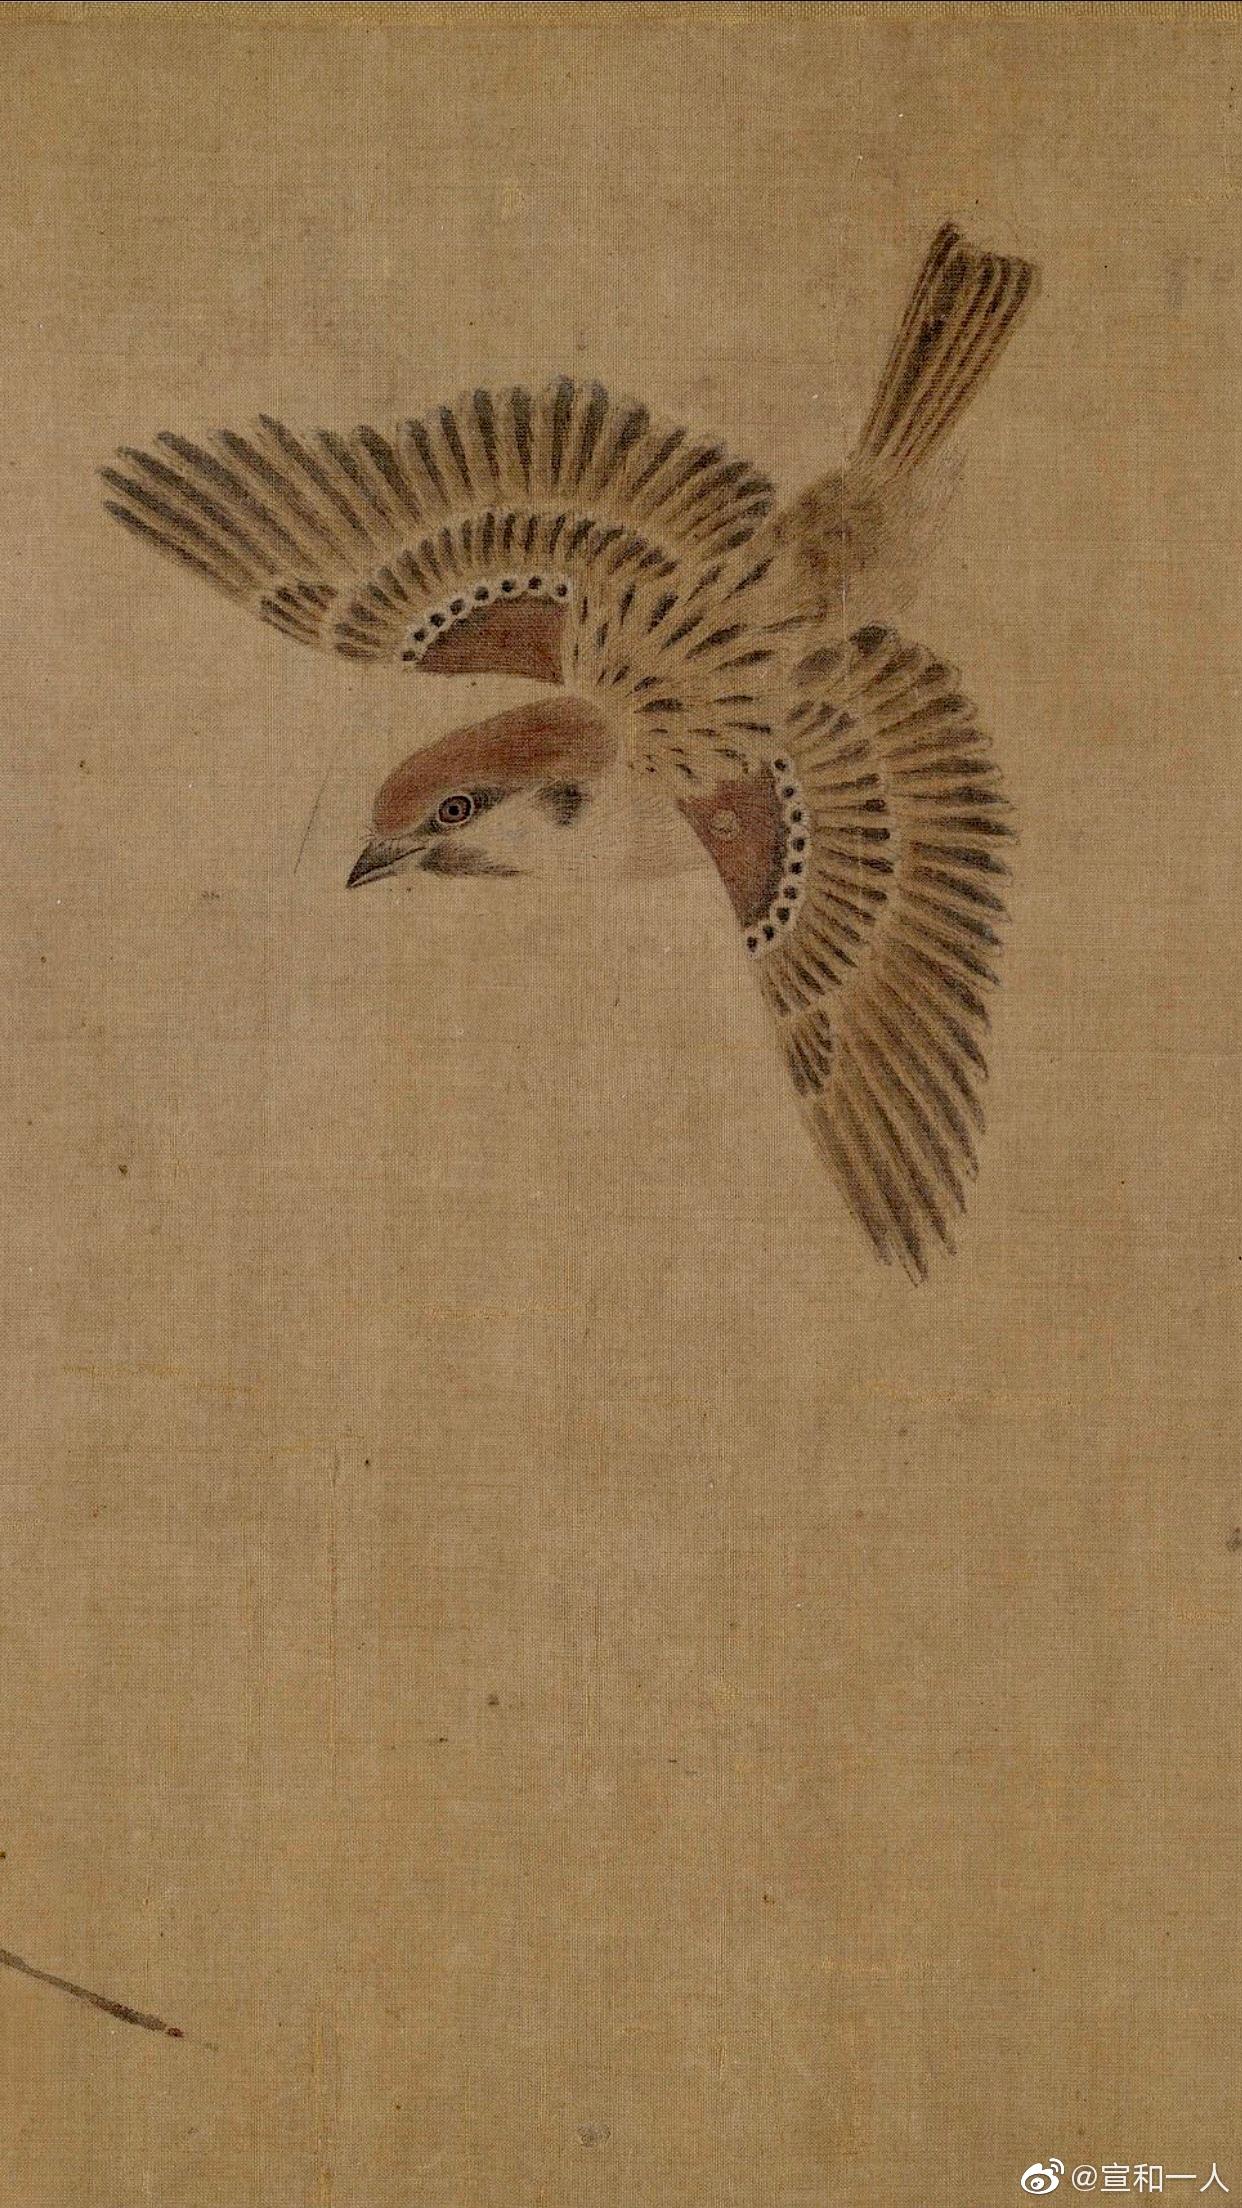 宋神宗年代的画院待诏崔白有《九雀图》存世于故宫博物院  弘历于《